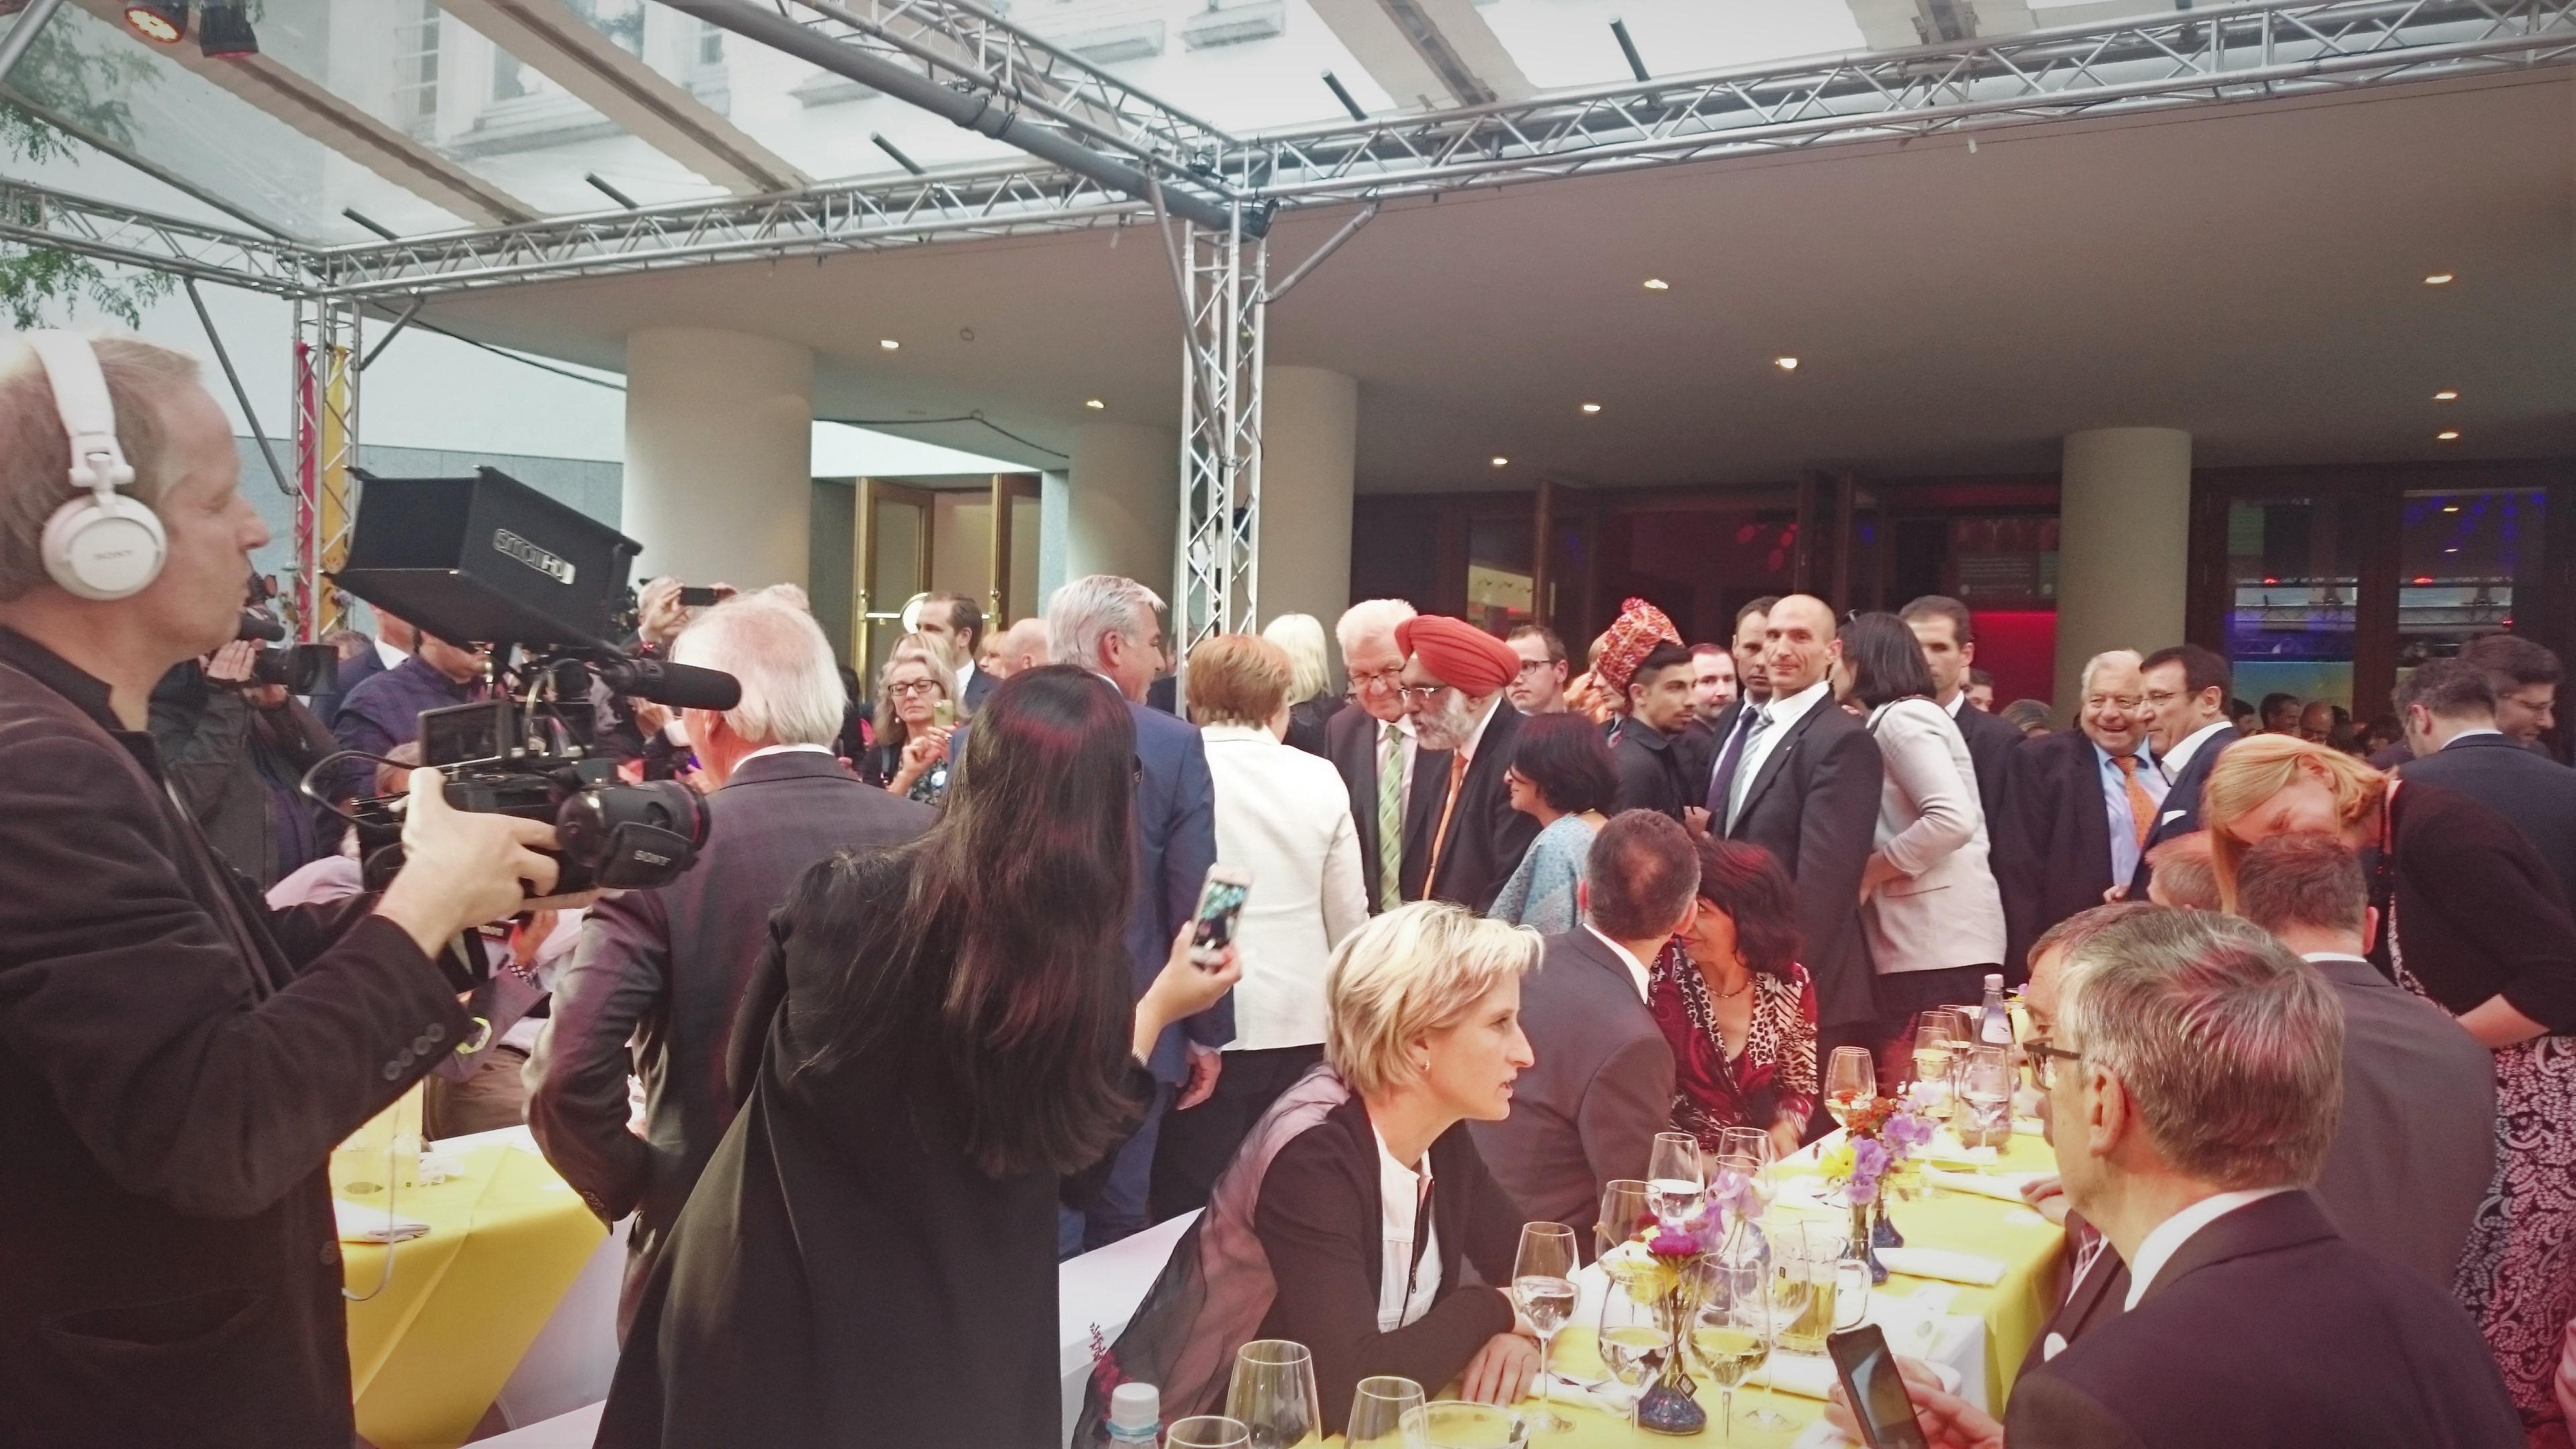 Frau Merkel war die Bienenkönigin der Feier. Ich konnte sie leider nur von hinten erwischen.